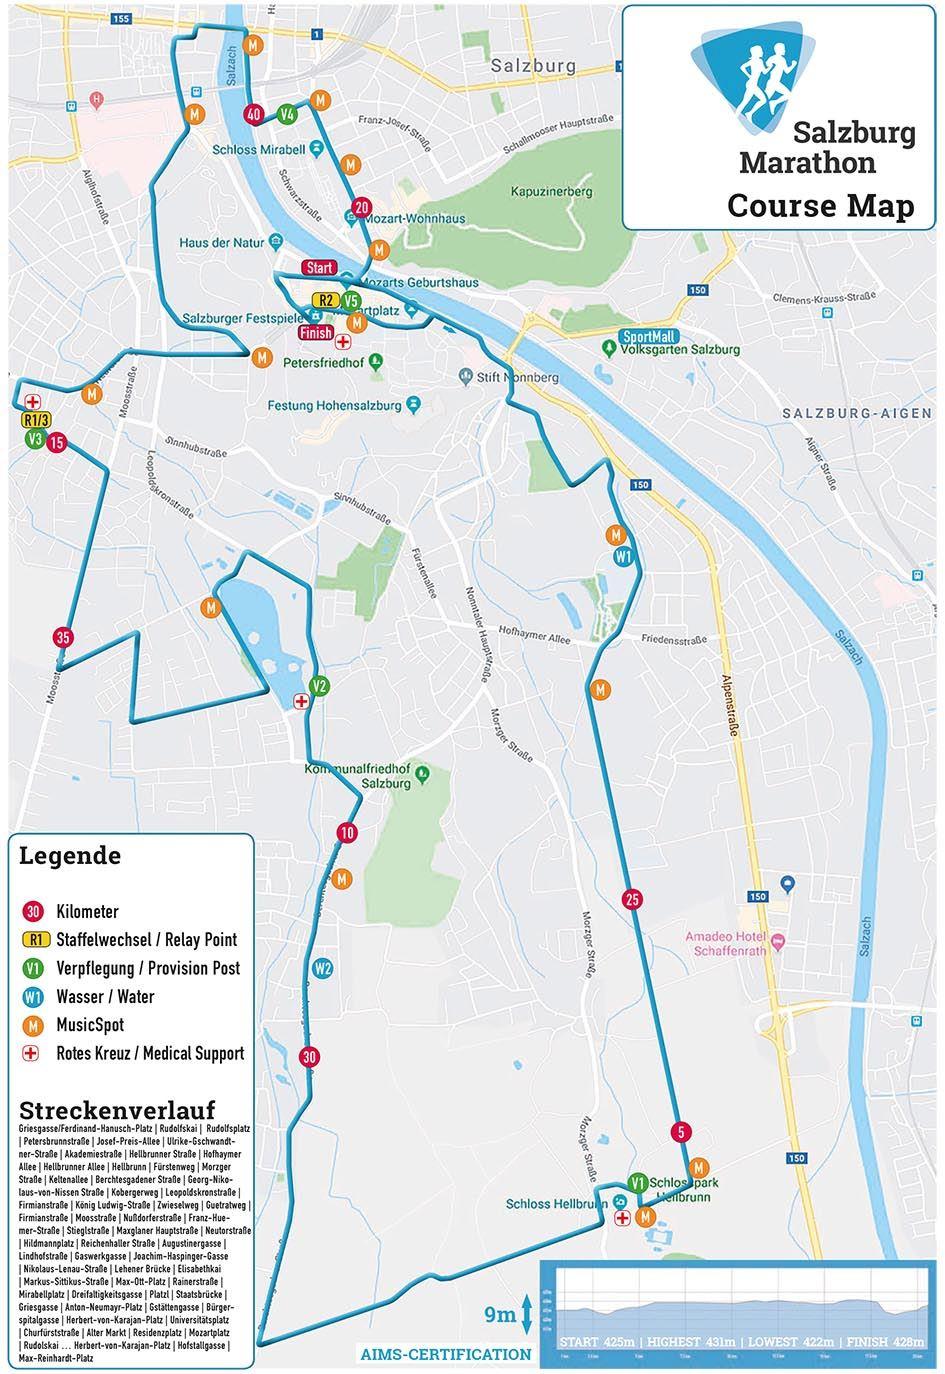 Salzburg Marathon Worlds Marathons